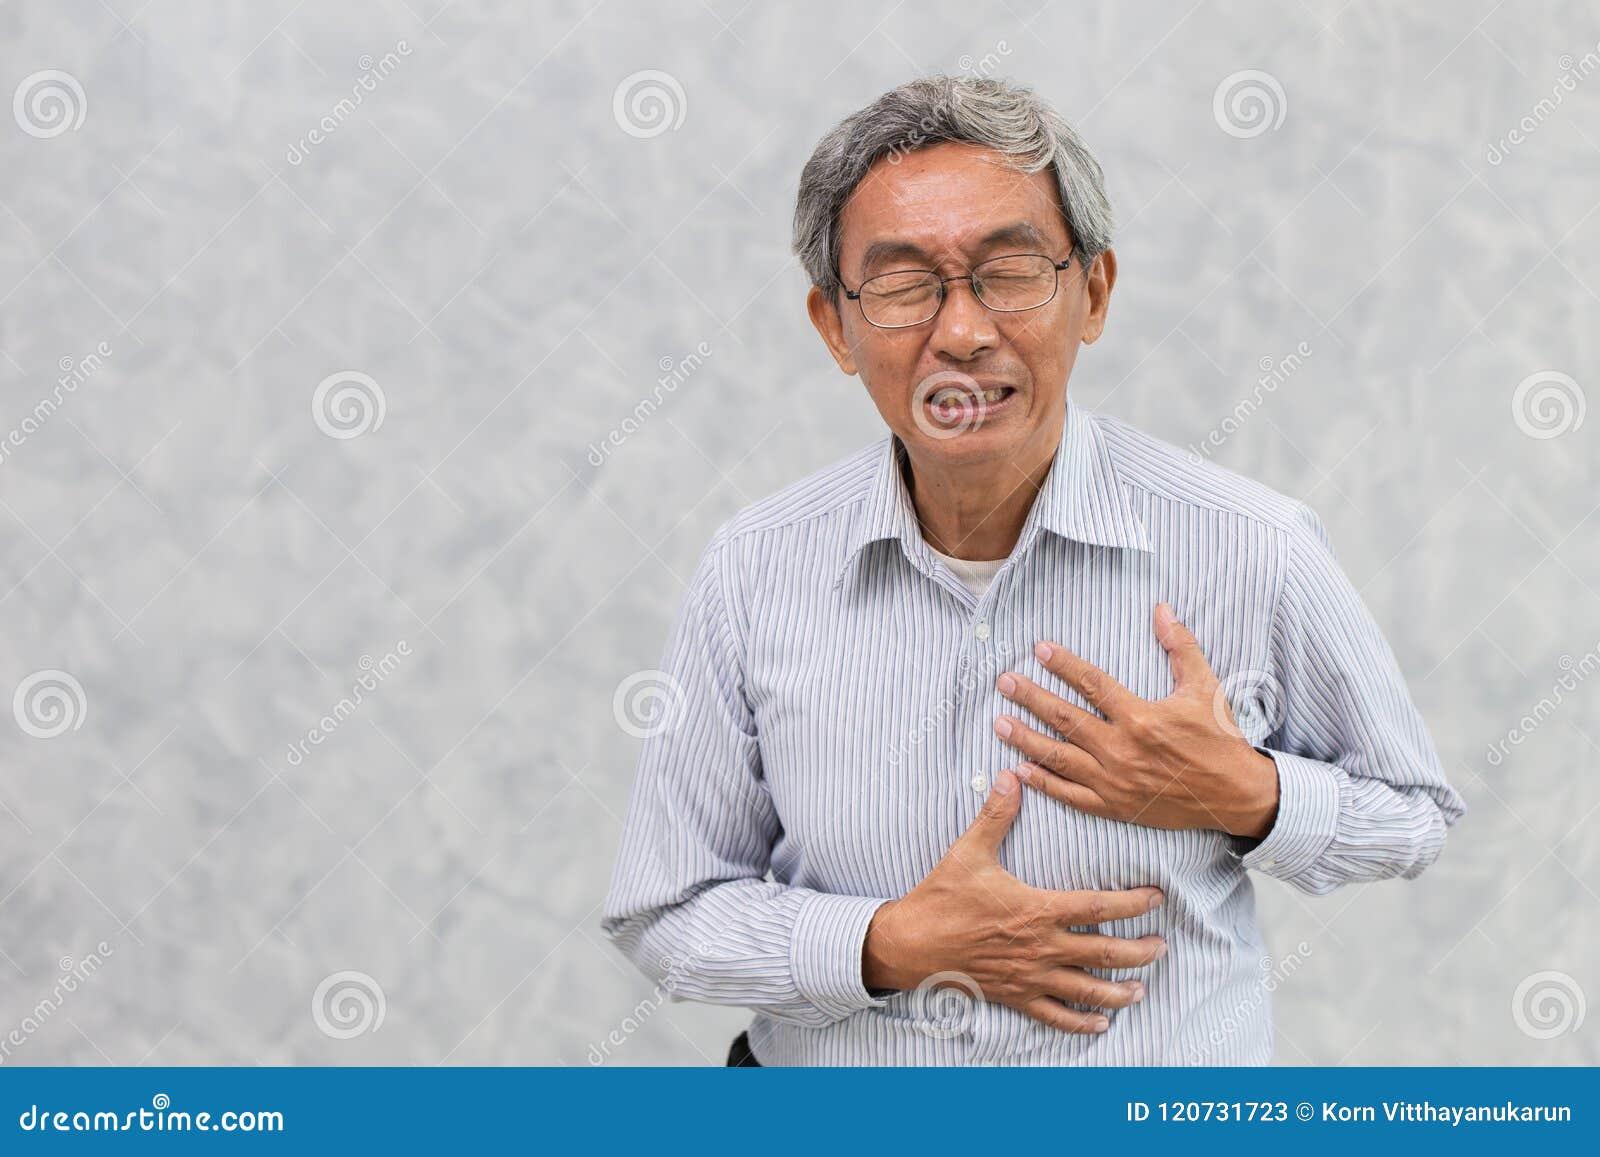 Gamal manmålarfärg från bröstkorg för hjärtinfarkthandräkning